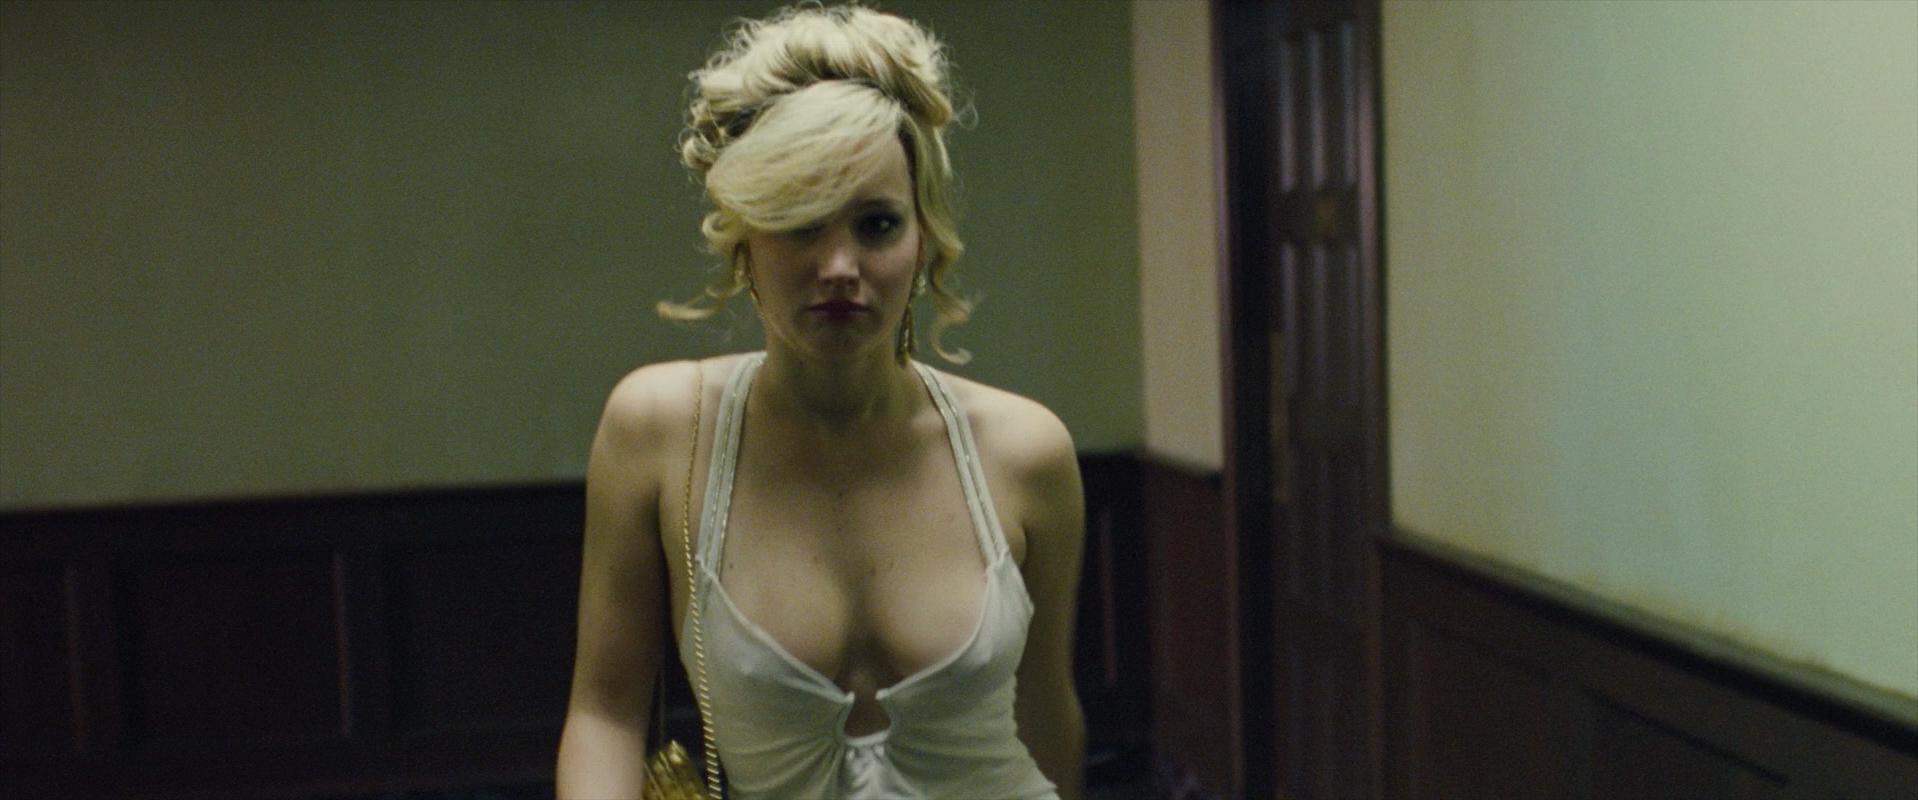 Video Nude America 61